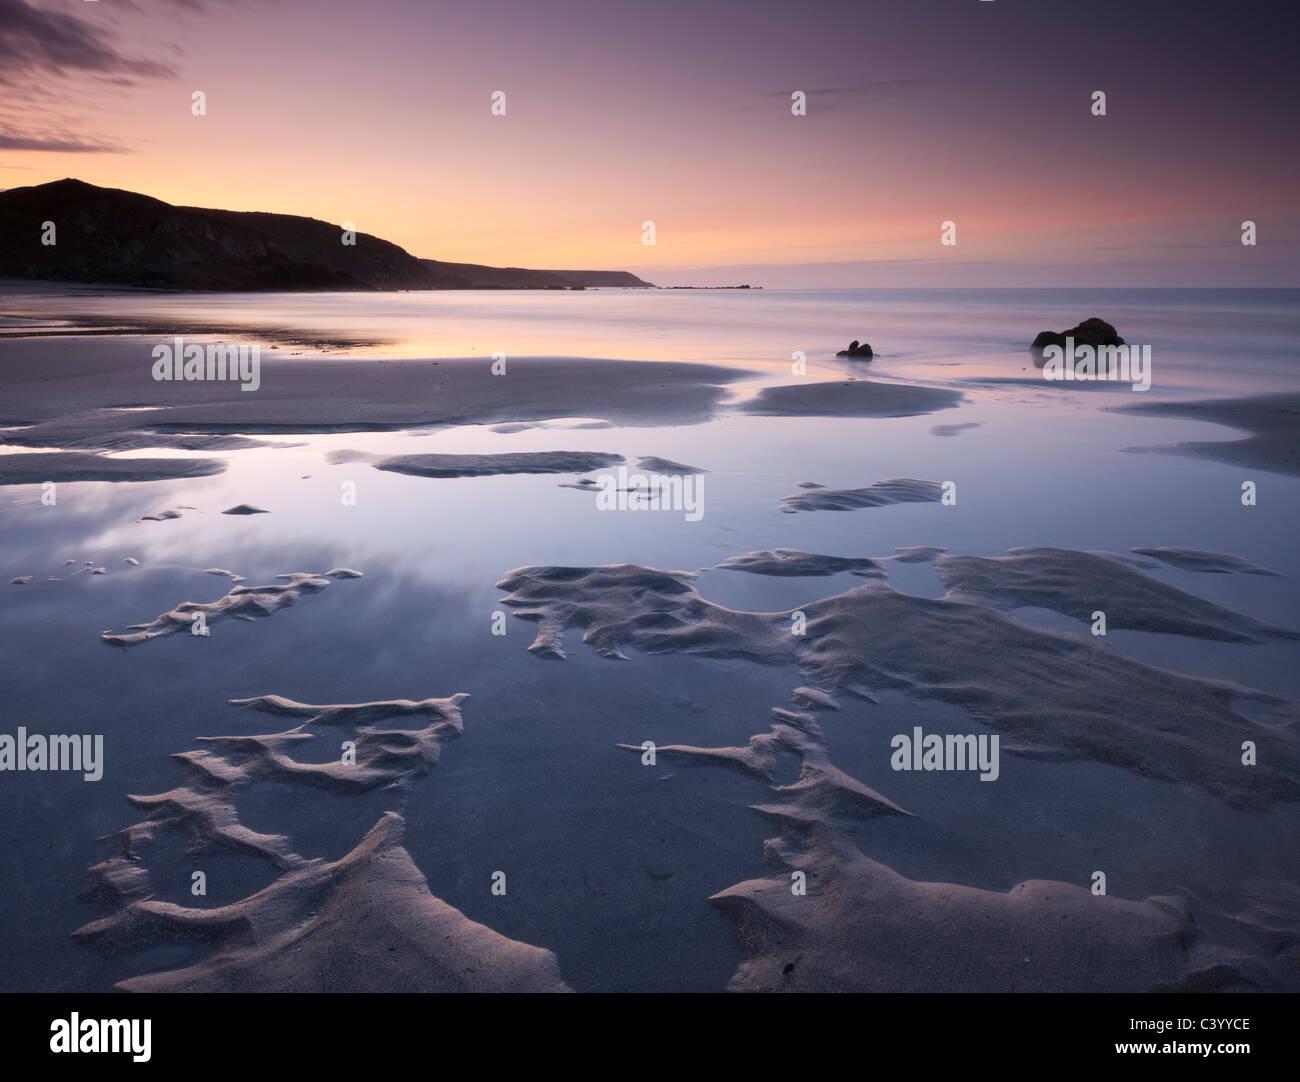 Les piscines de l'eau sur la plage de sable de Kennack Sands au lever du soleil, Péninsule du Lézard, Photo Stock